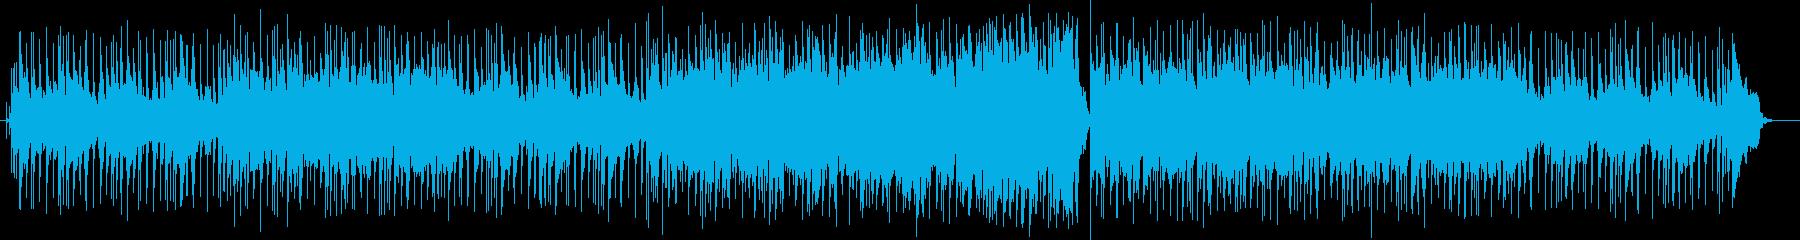 聞きやすい爽やかなBGMの再生済みの波形